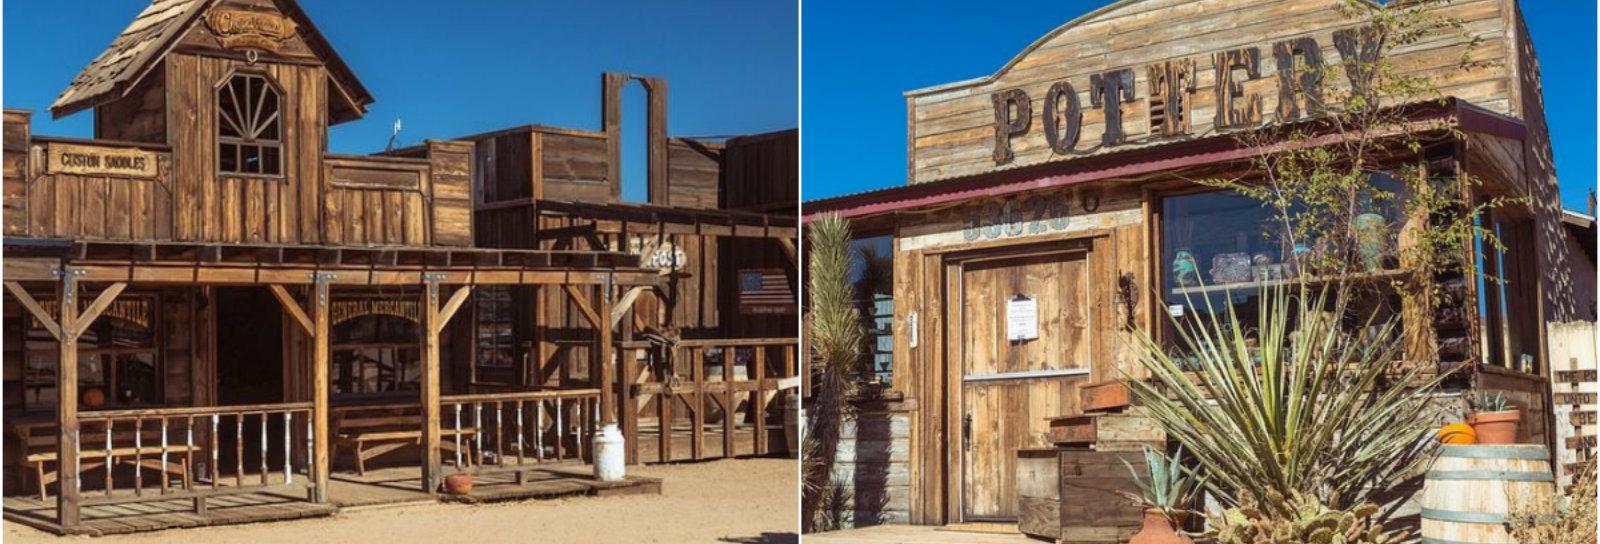 Conheça Pioneertown, o set de cinema que virou cidade de verdade